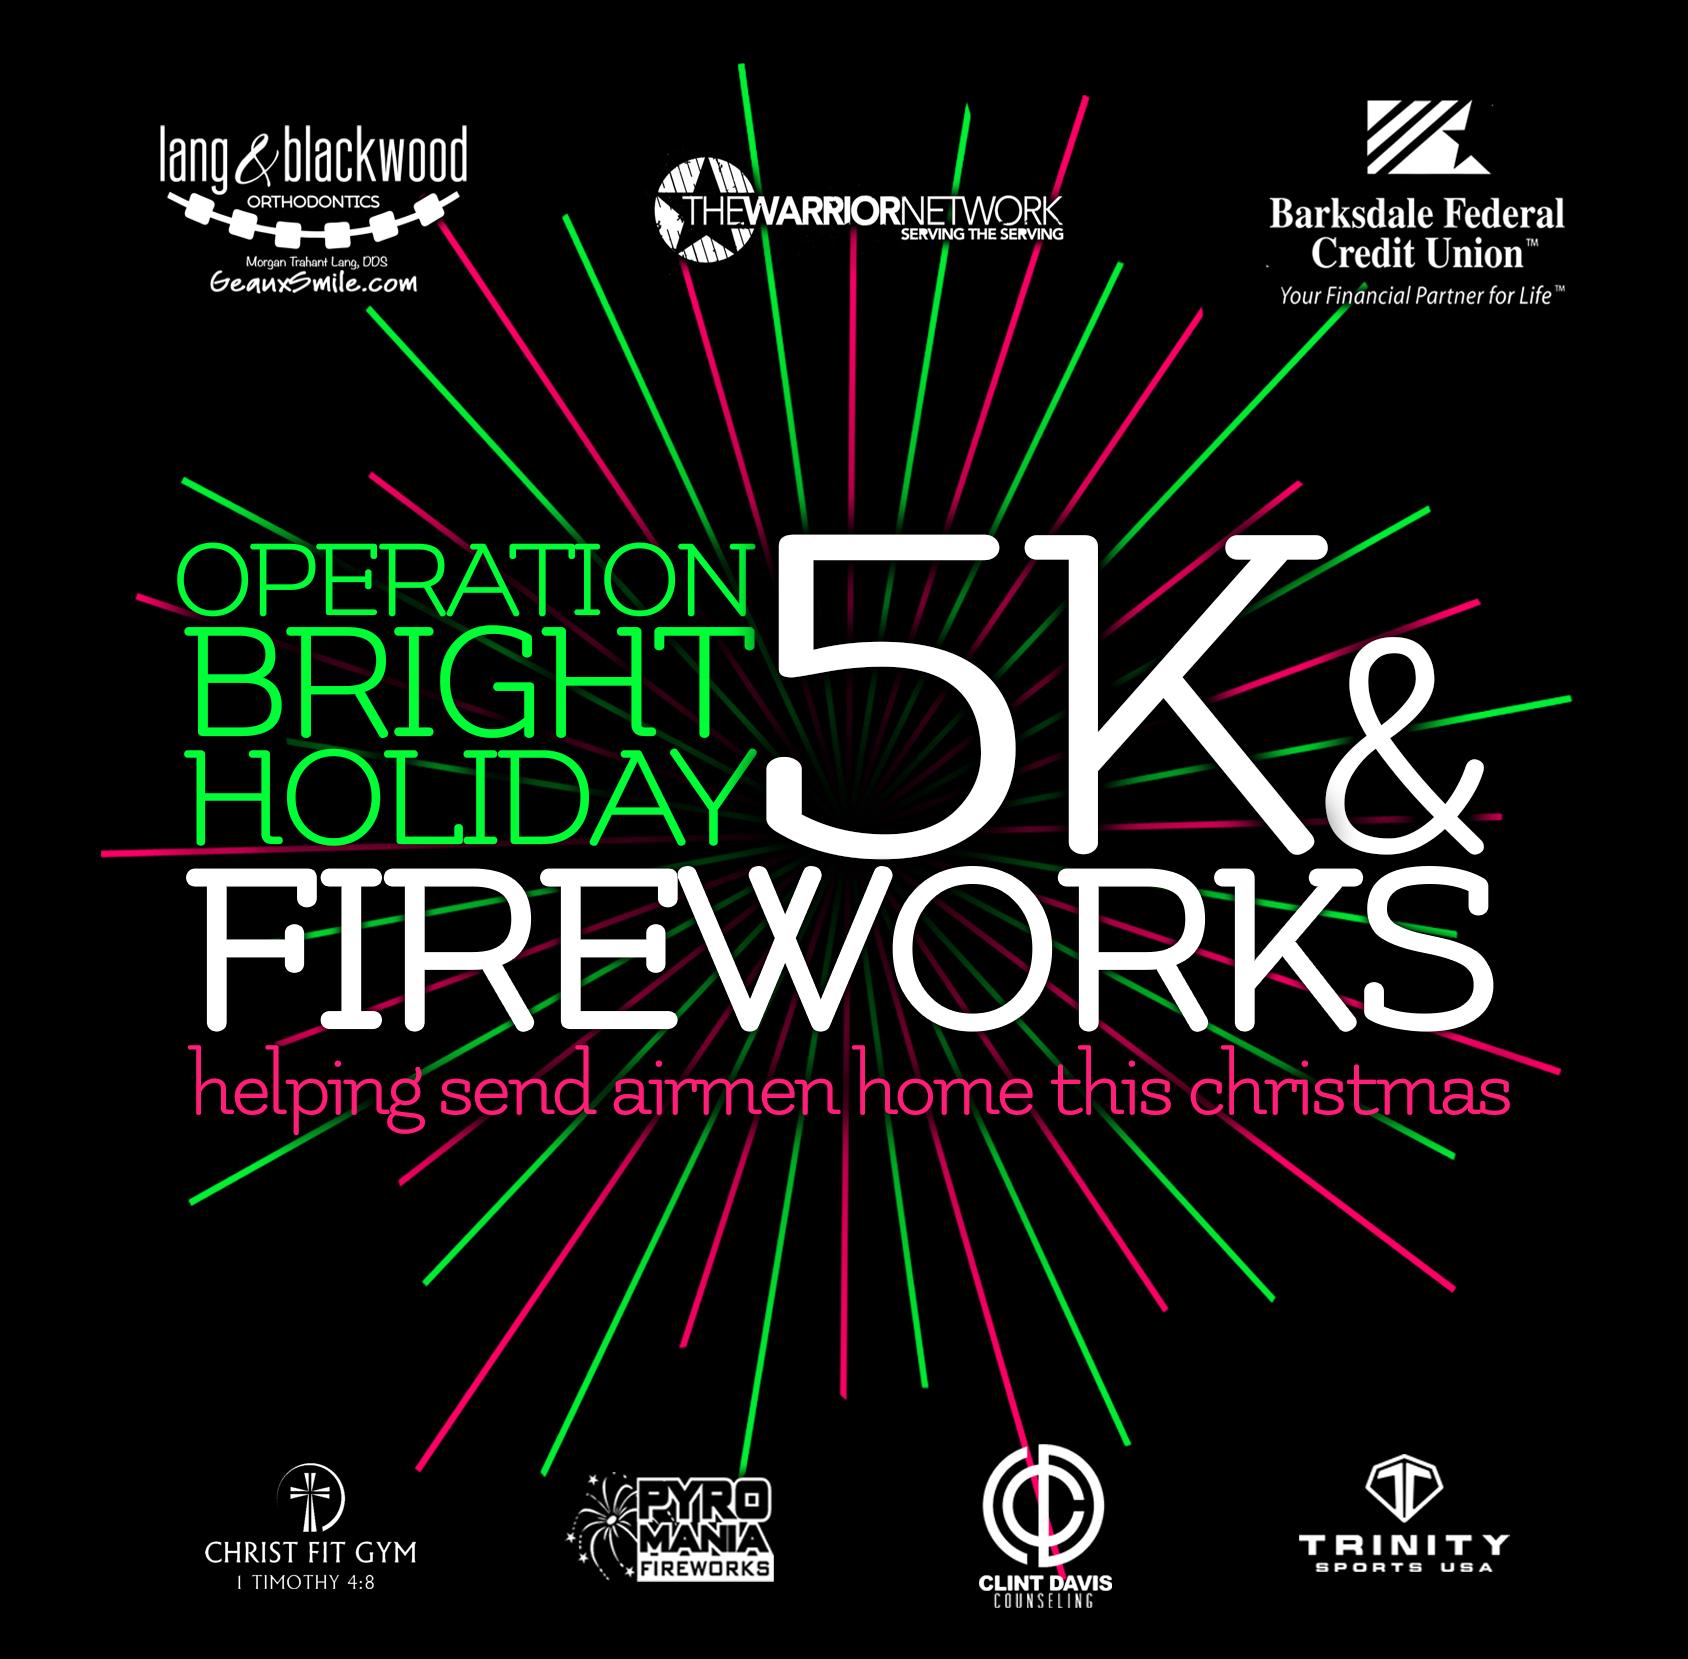 5k fireworks logo